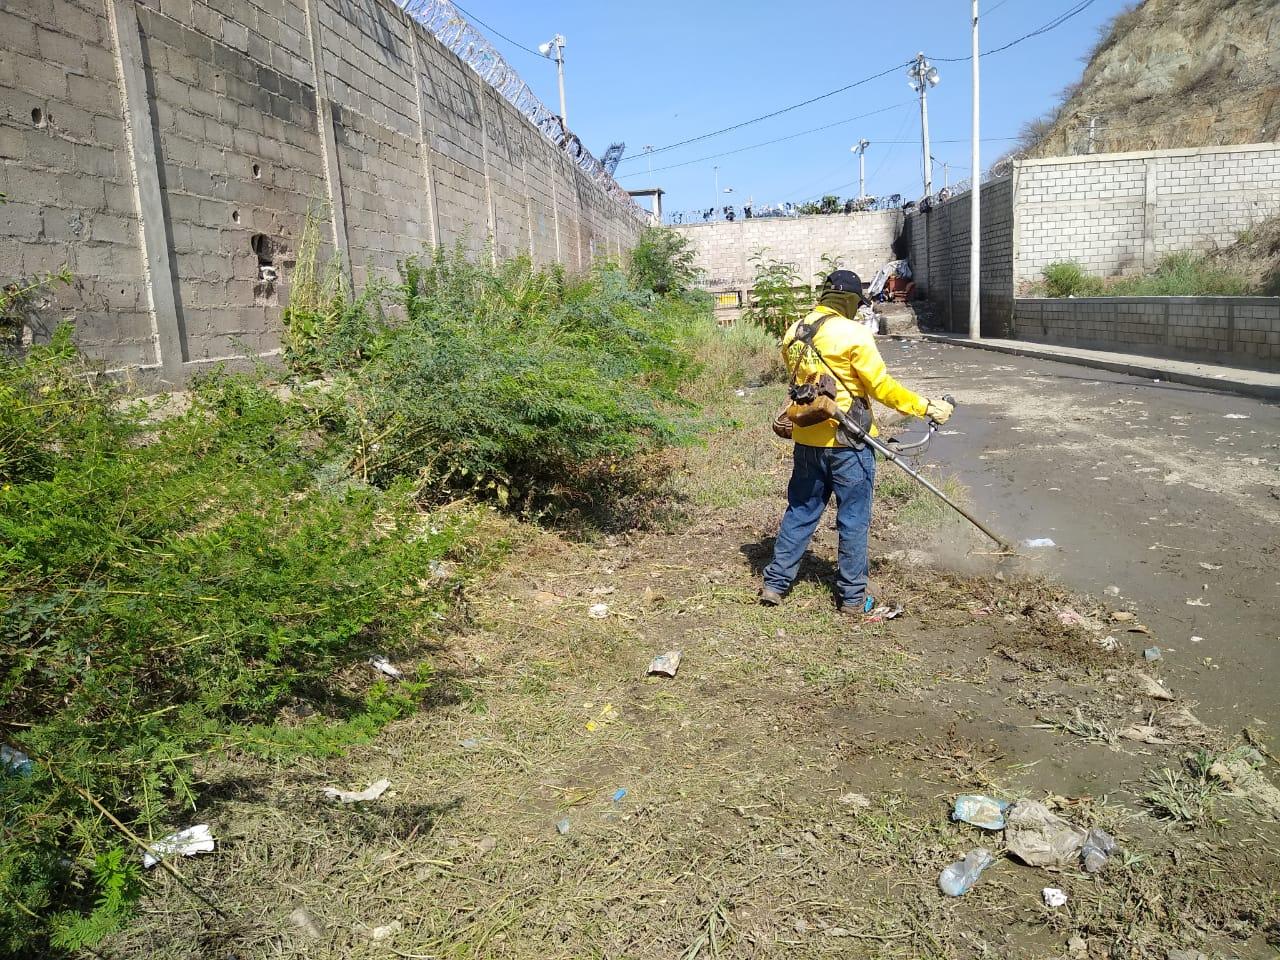 Jornada de limpieza en el sector de El Boro